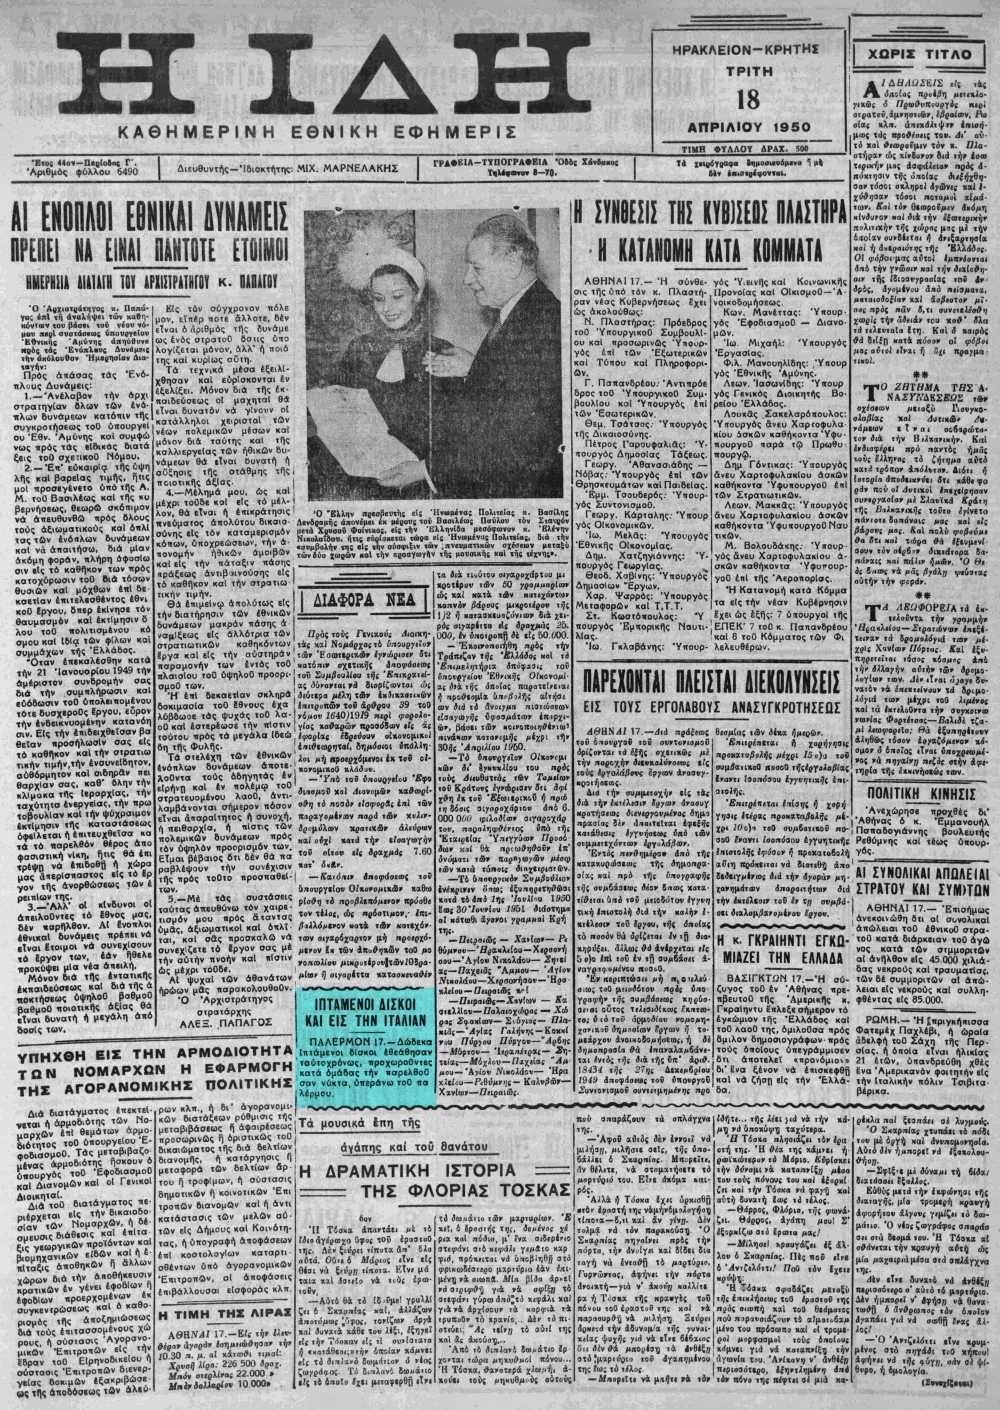 """Το άρθρο, όπως δημοσιεύθηκε στην εφημερίδα """"Η ΙΔΗ"""", στις 18/04/1950"""